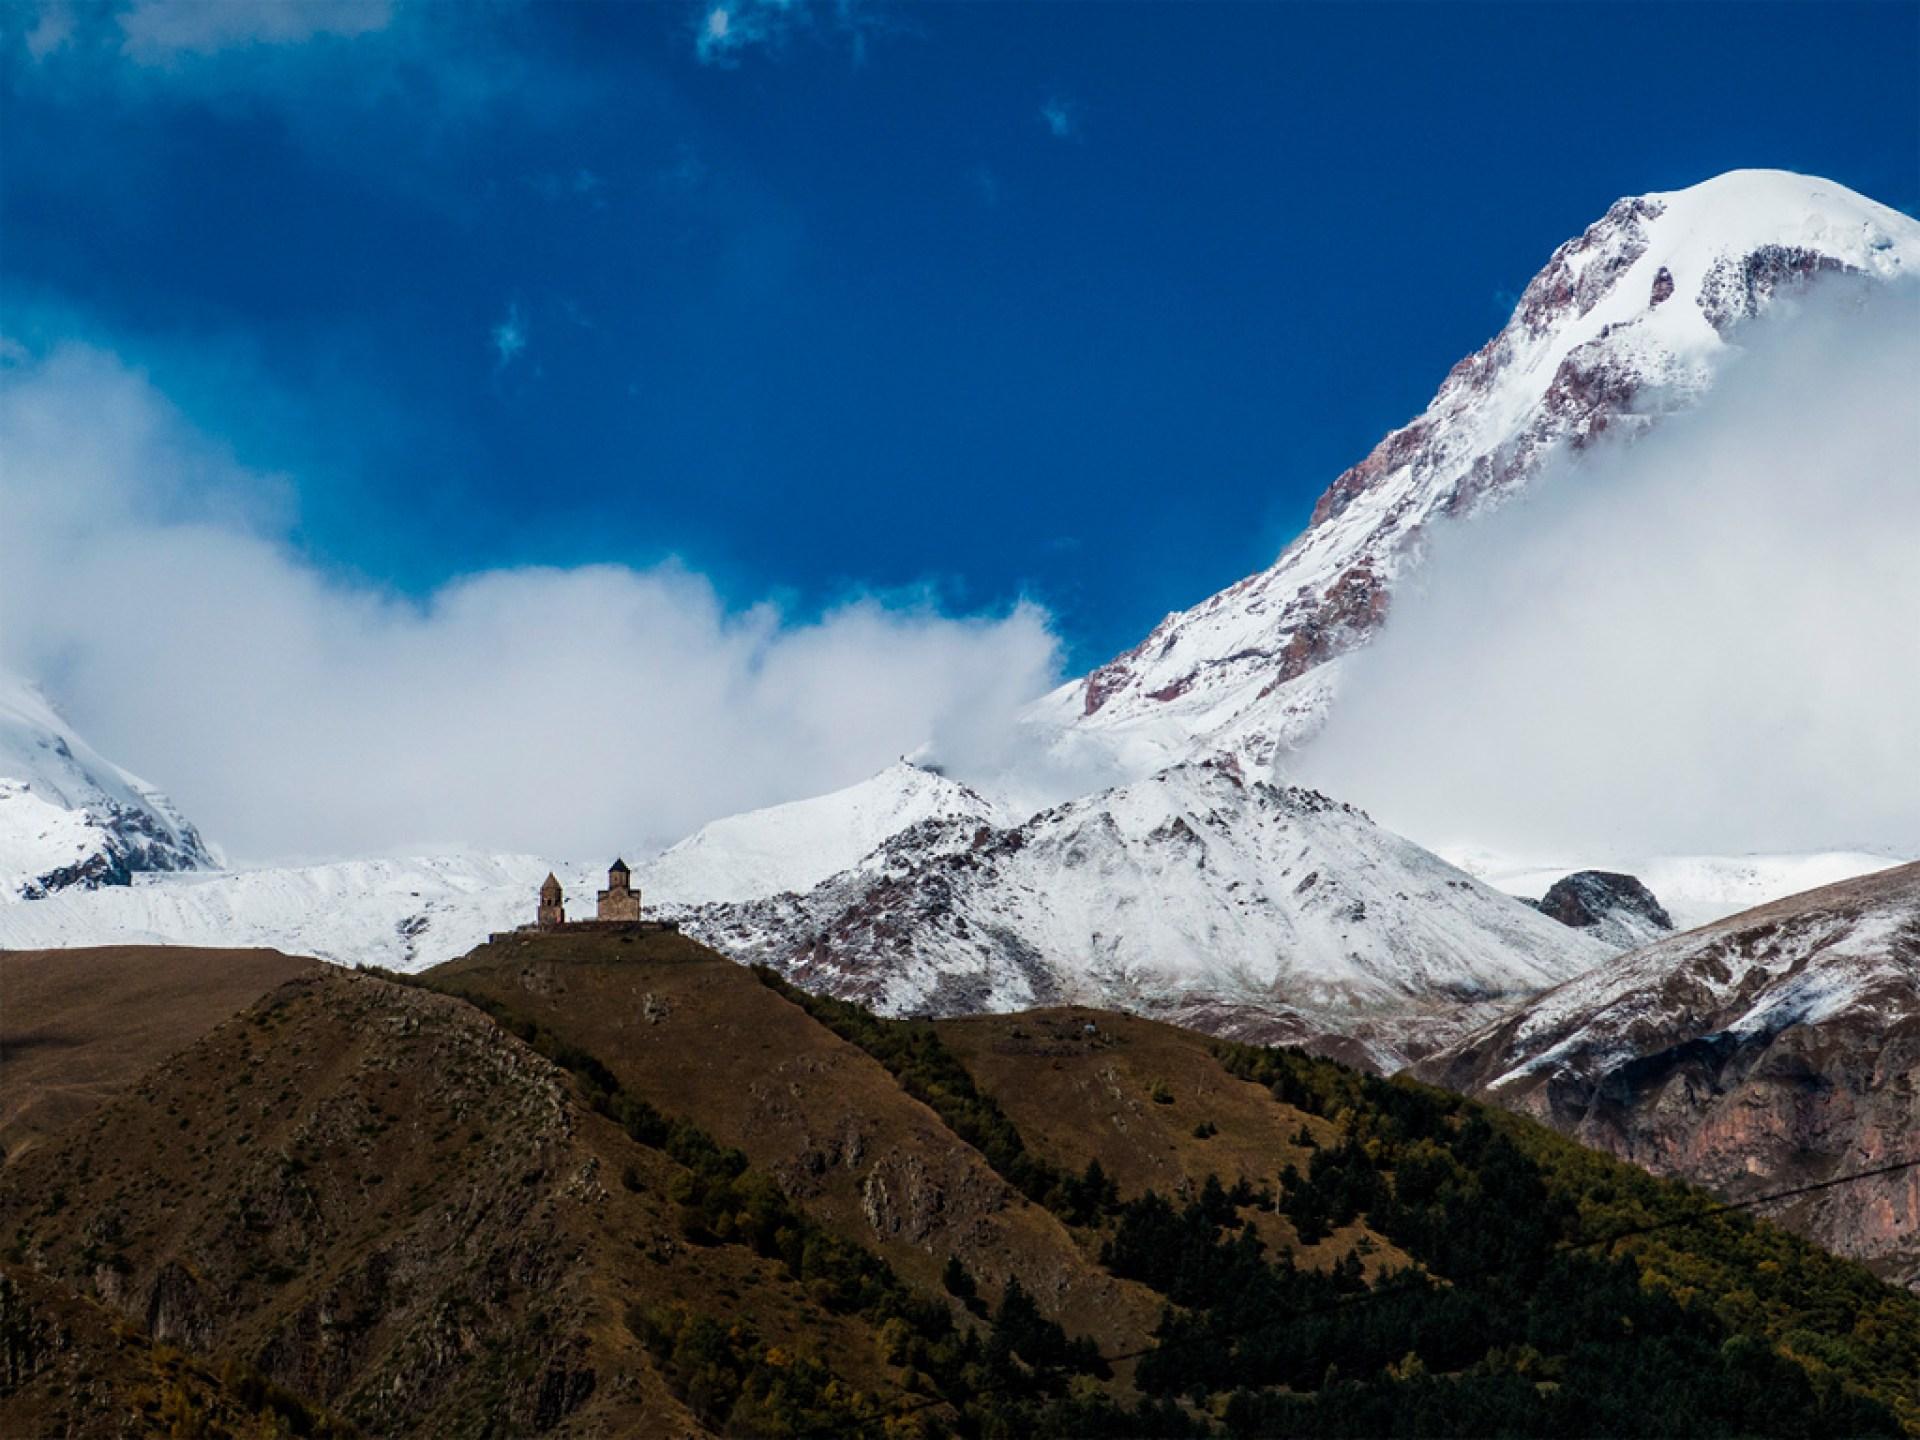 Cminda Sameba, monastyr na drodze na Kazbek, najsłynniejszy widok gruziński obok wież obronnych